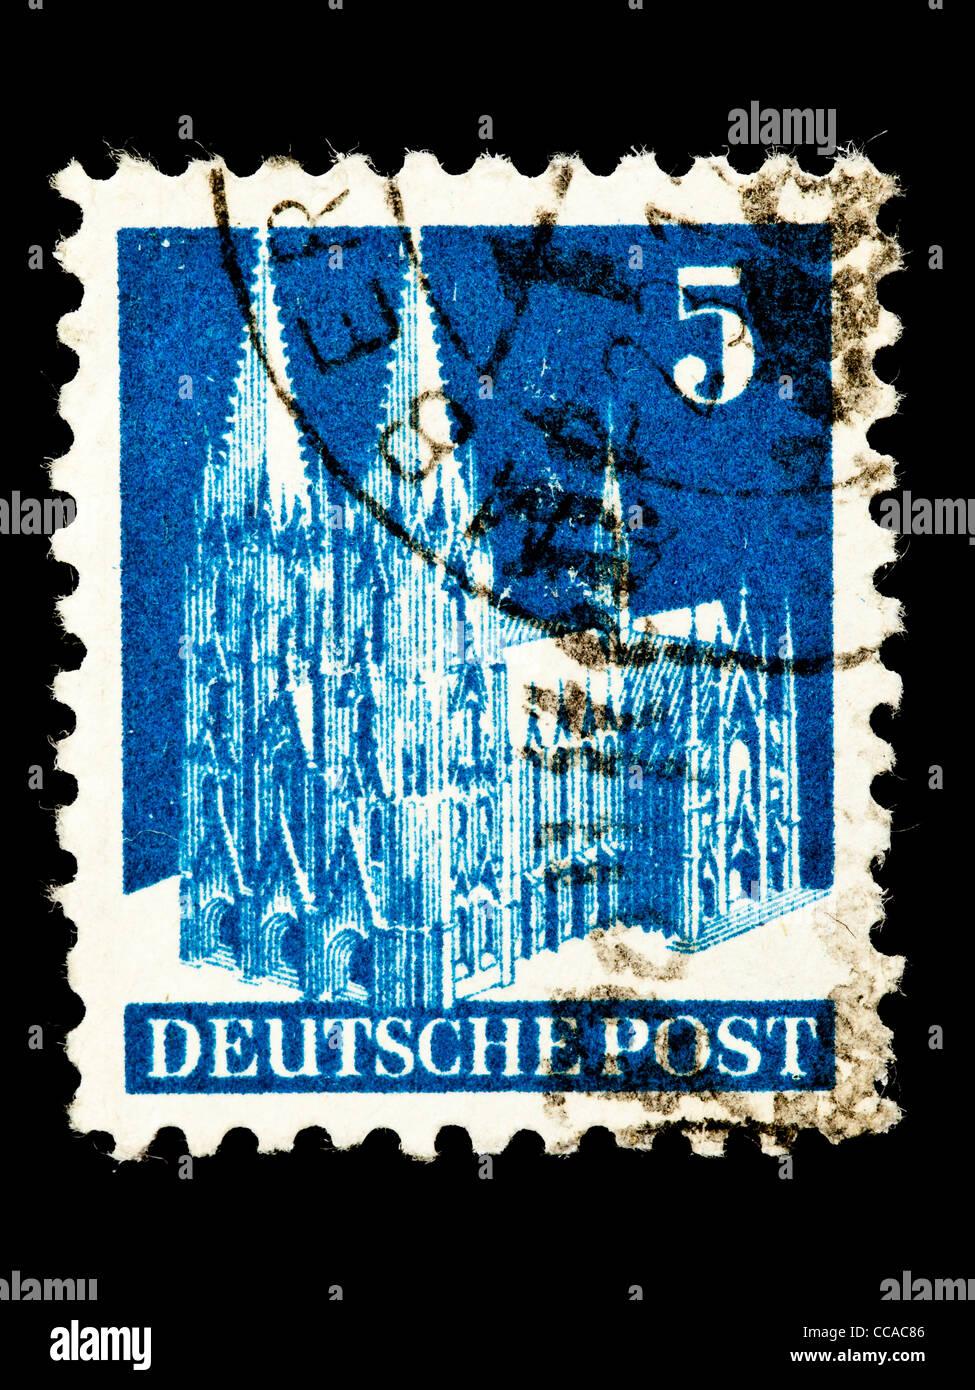 Deutsche Post Cologne